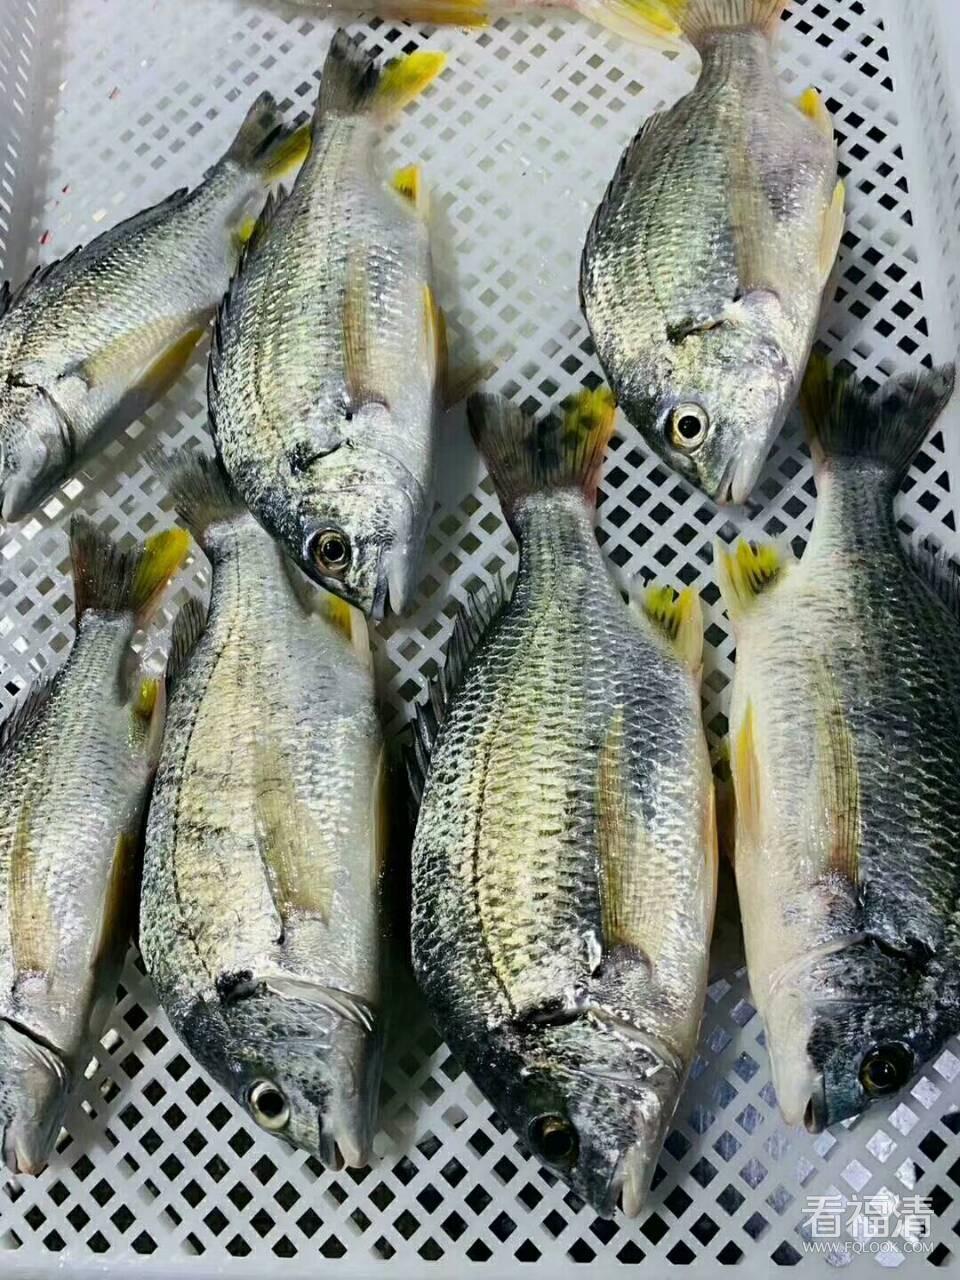 野生海鲜,各种天然鱼虾蟹都有,非常新鲜